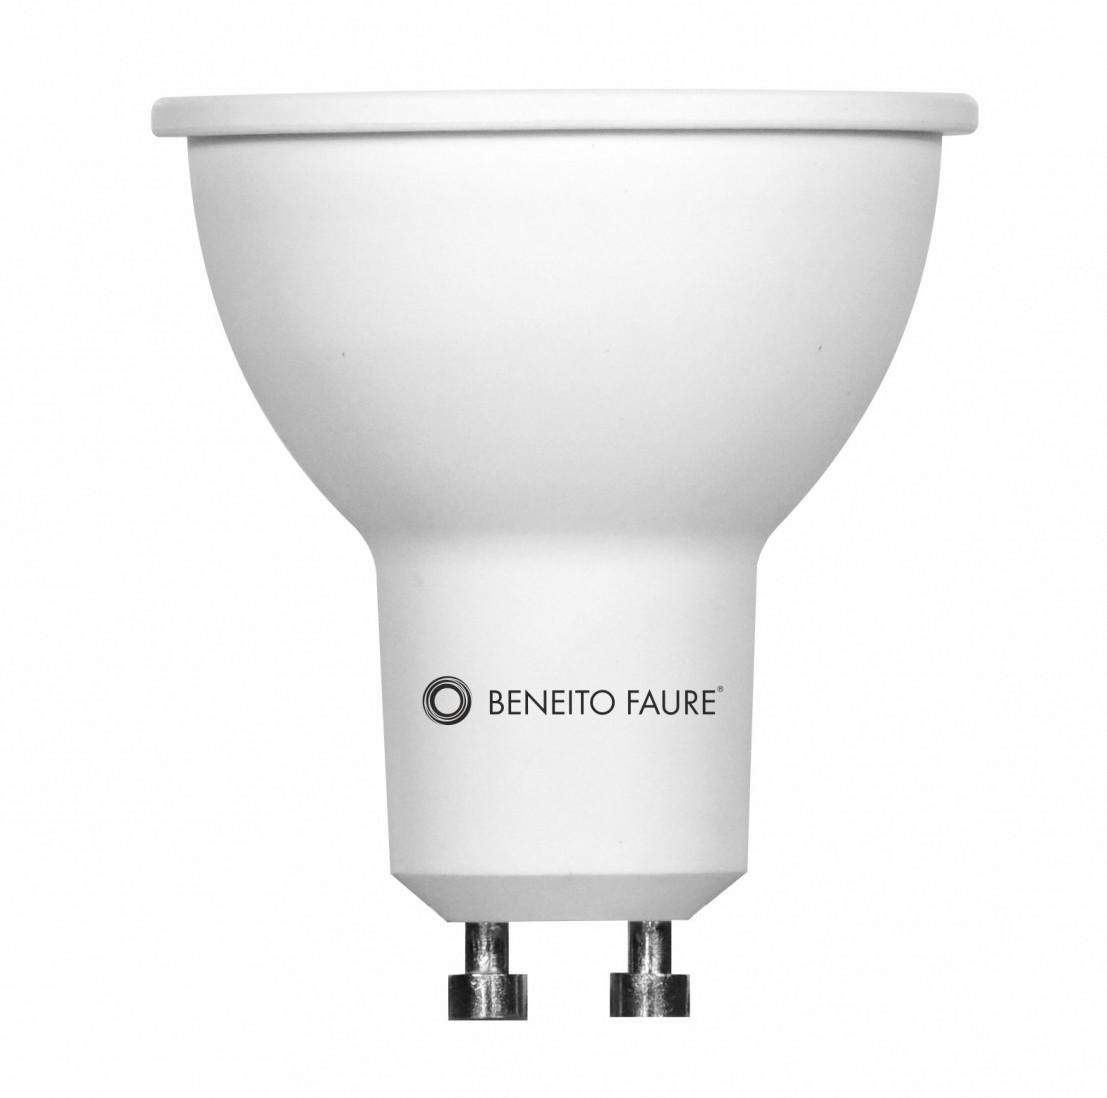 livraison gratuite ampoule led gu10 beneito et faure 3 5w blanc neutre 4000k led gu10 standard. Black Bedroom Furniture Sets. Home Design Ideas